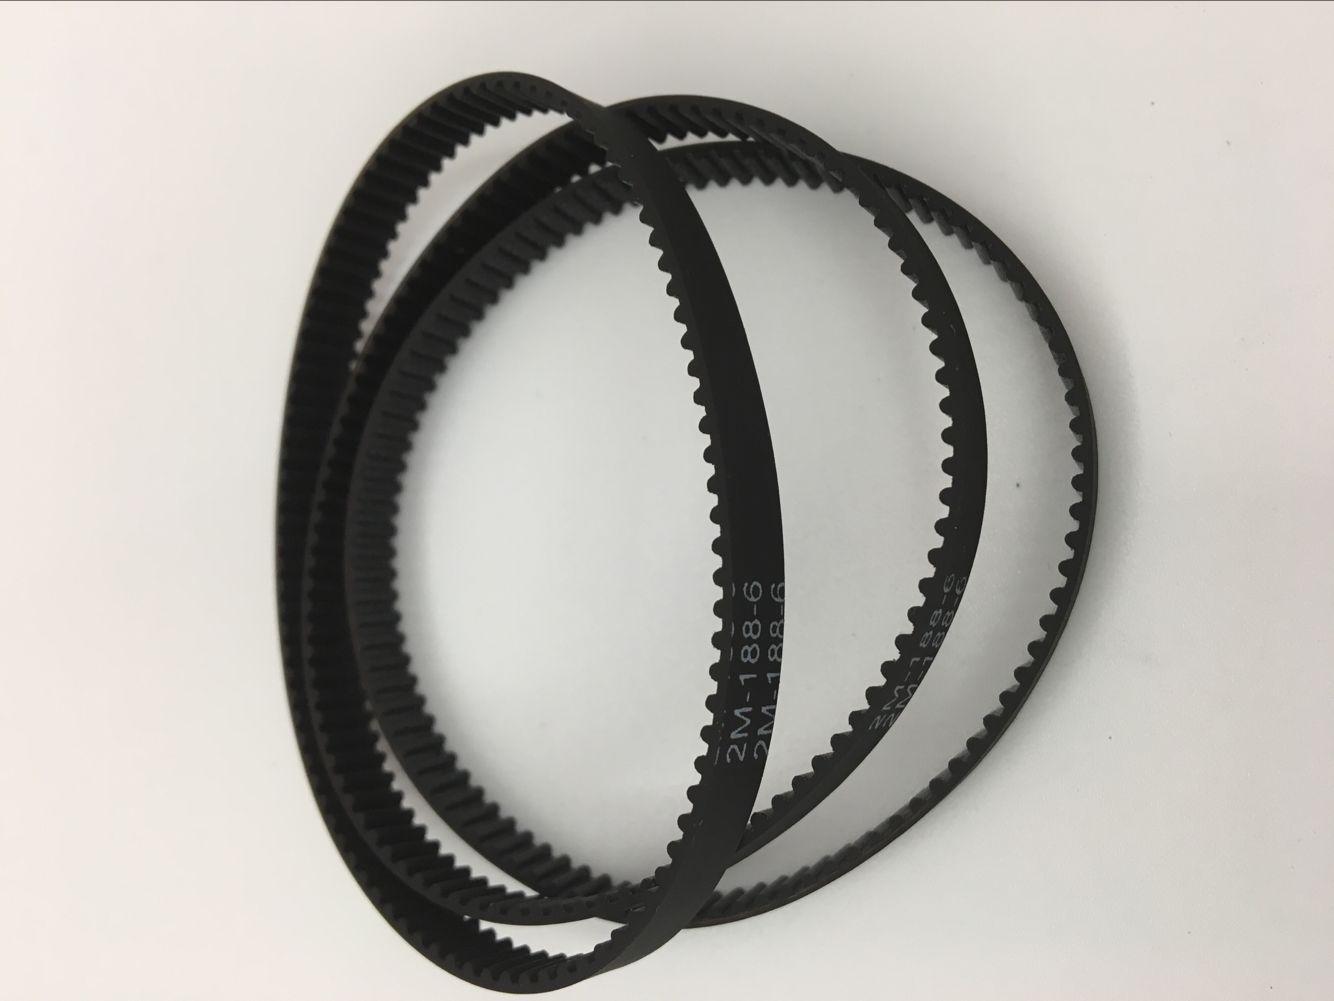 橡胶同步带 小齿距传动带 S2M MXL 2GT 2M T2.5 周长188MM94齿